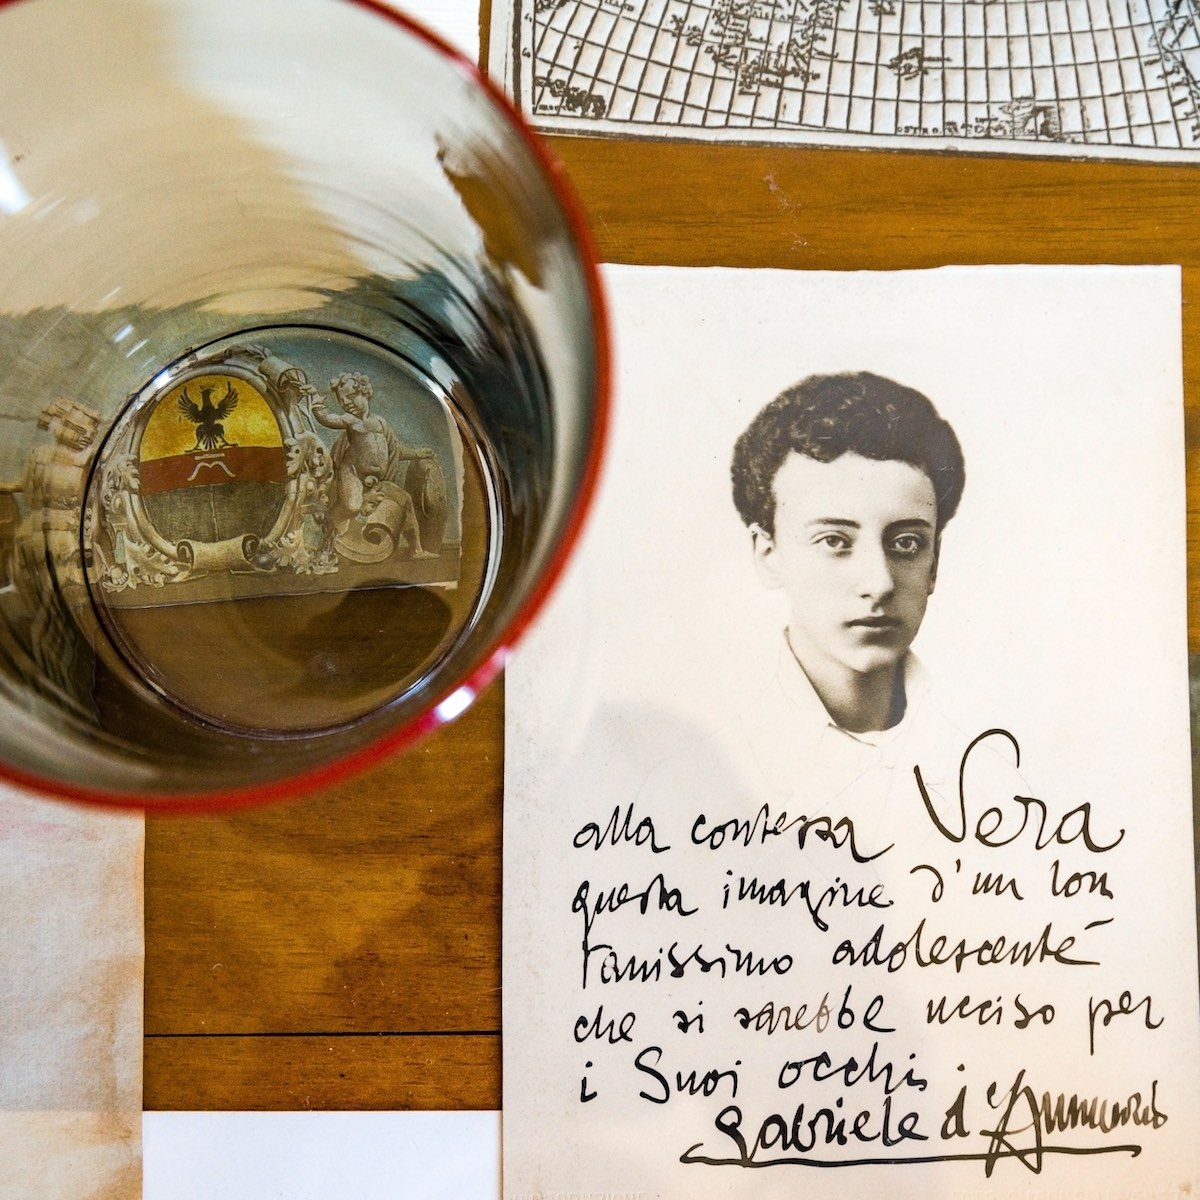 vera-dannunzio-lettera-d'annunzio-d-annunzio-letter-papadopoli-arrivabene-vetro-murano-nobile